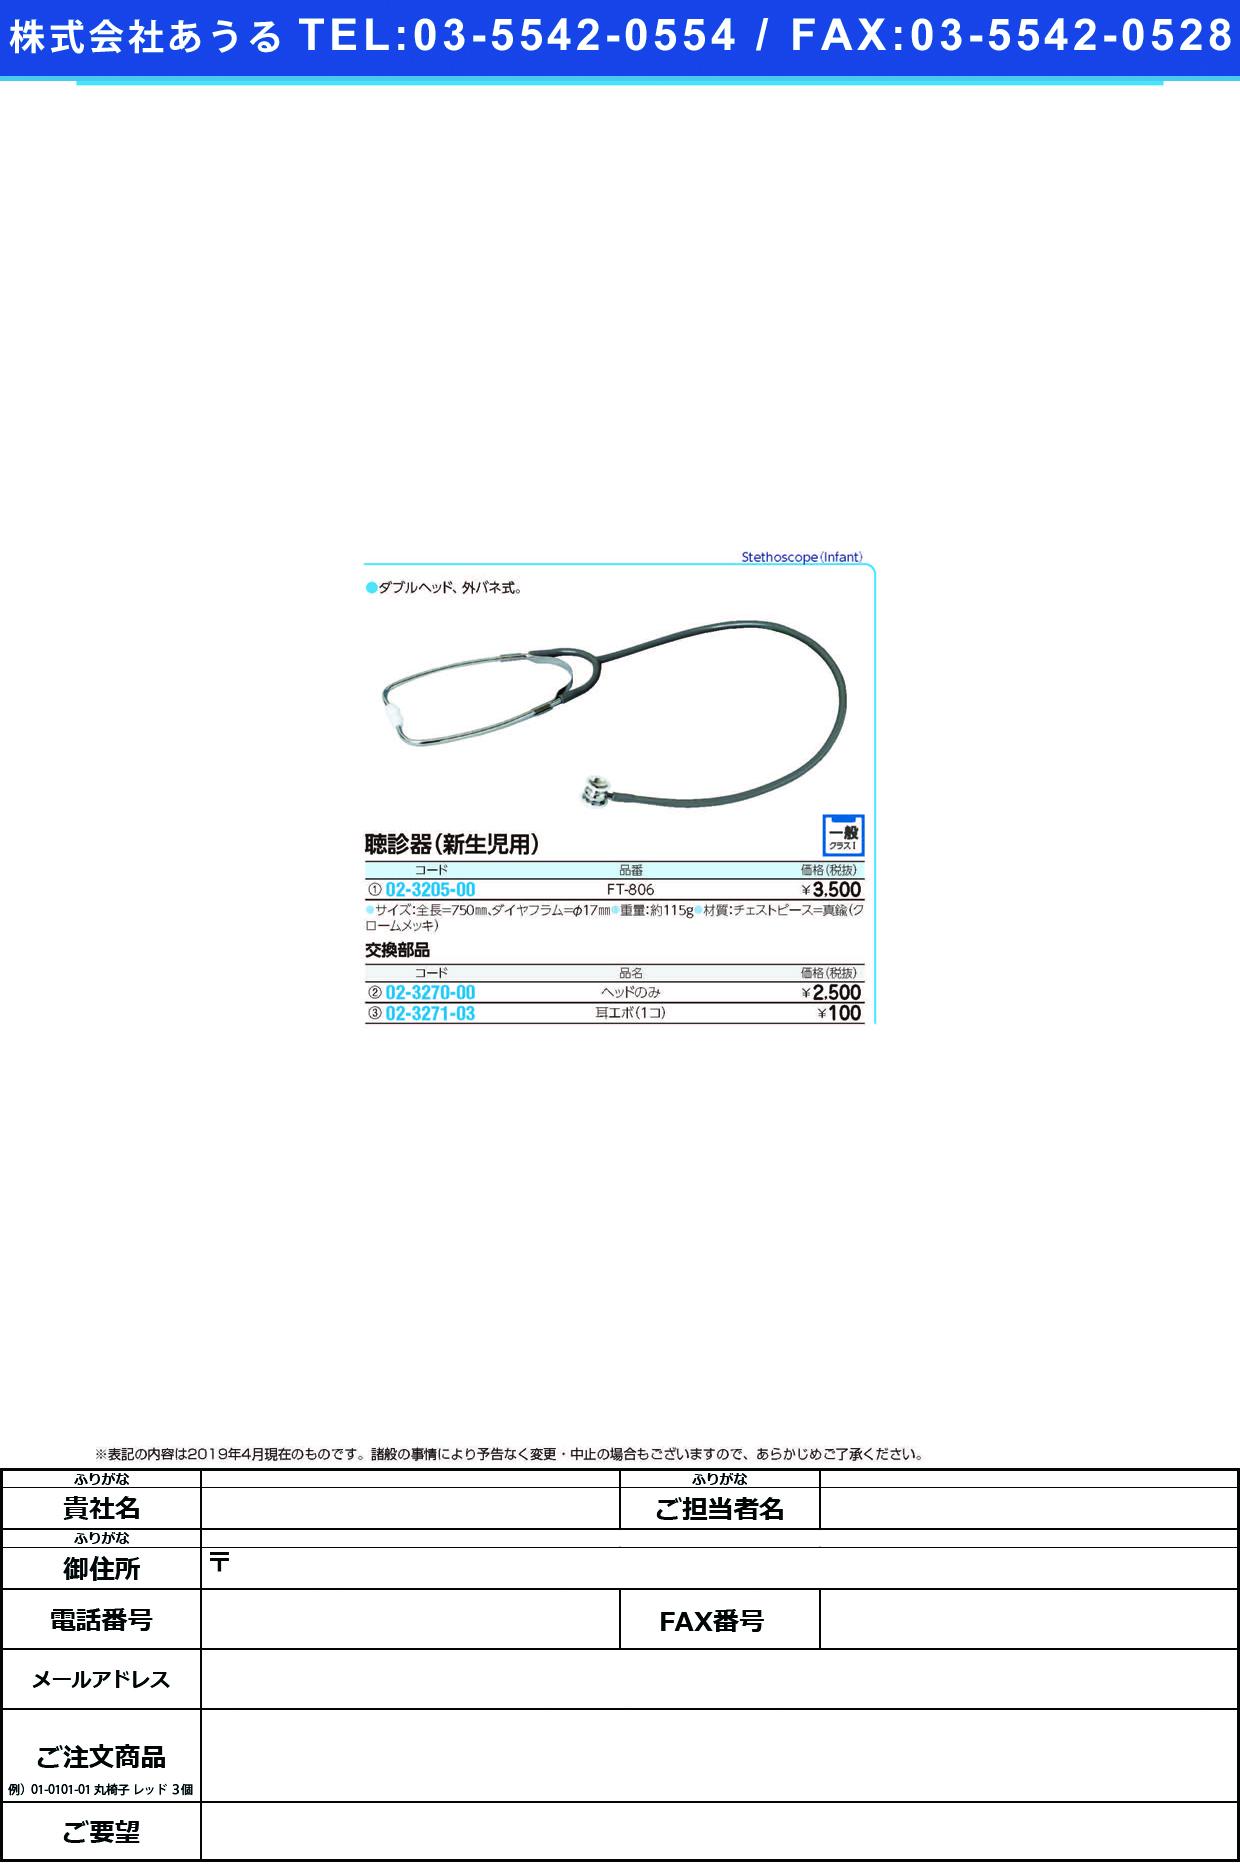 (02-3270-00)聴診器用ヘッド(新生児用)  チョウシンキヨウヘッド(シンセイジ)【1個単位】【2019年カタログ商品】